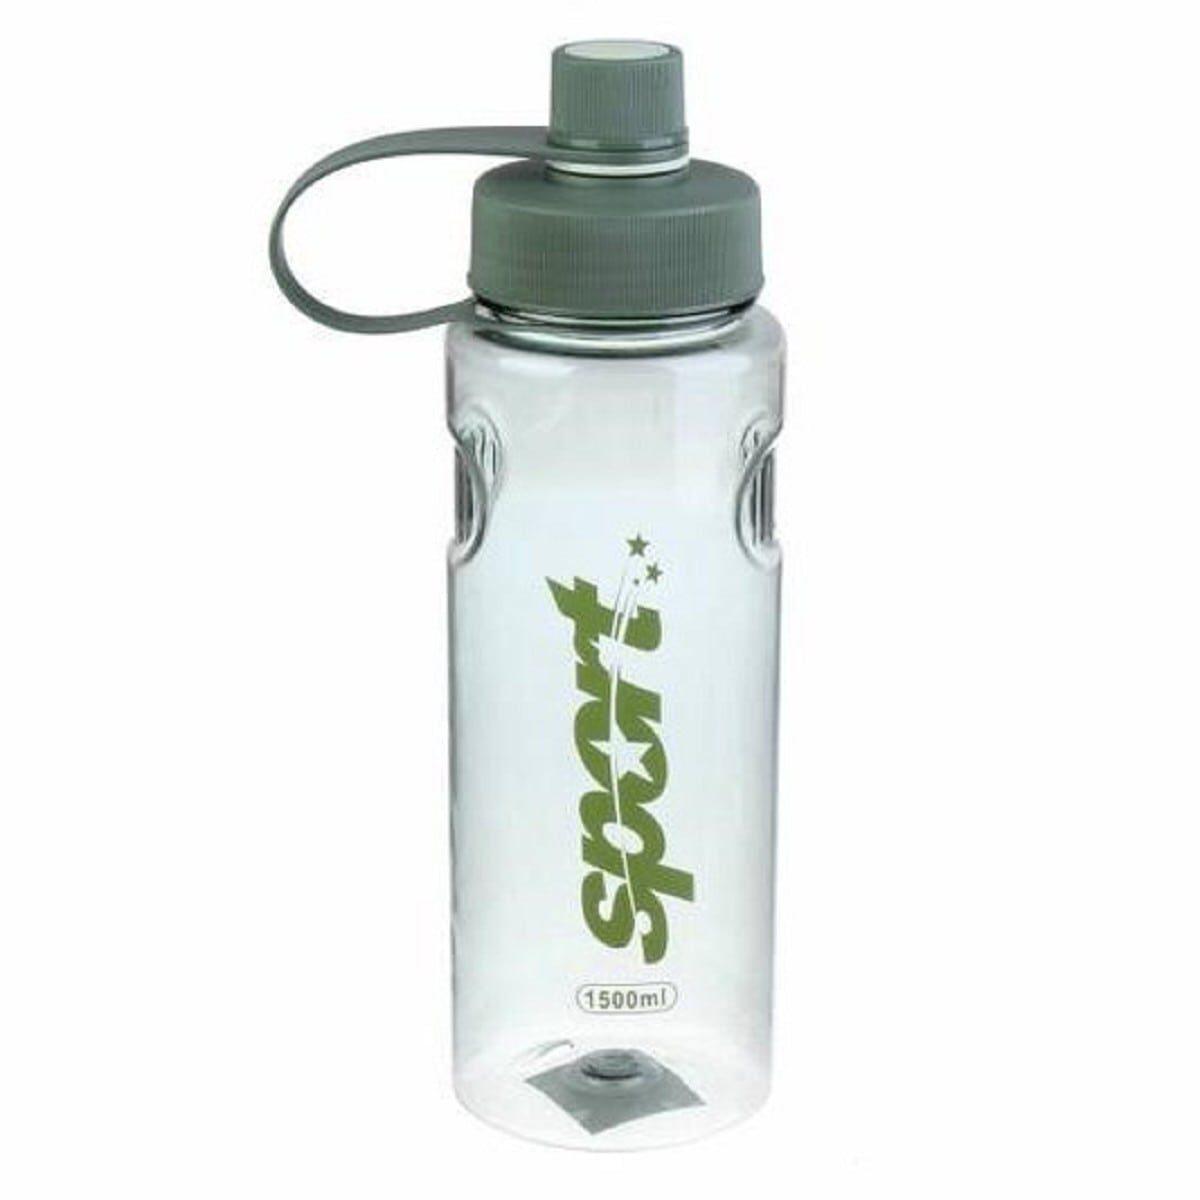 Пляшка спорт пластик 1500 мл, зелена